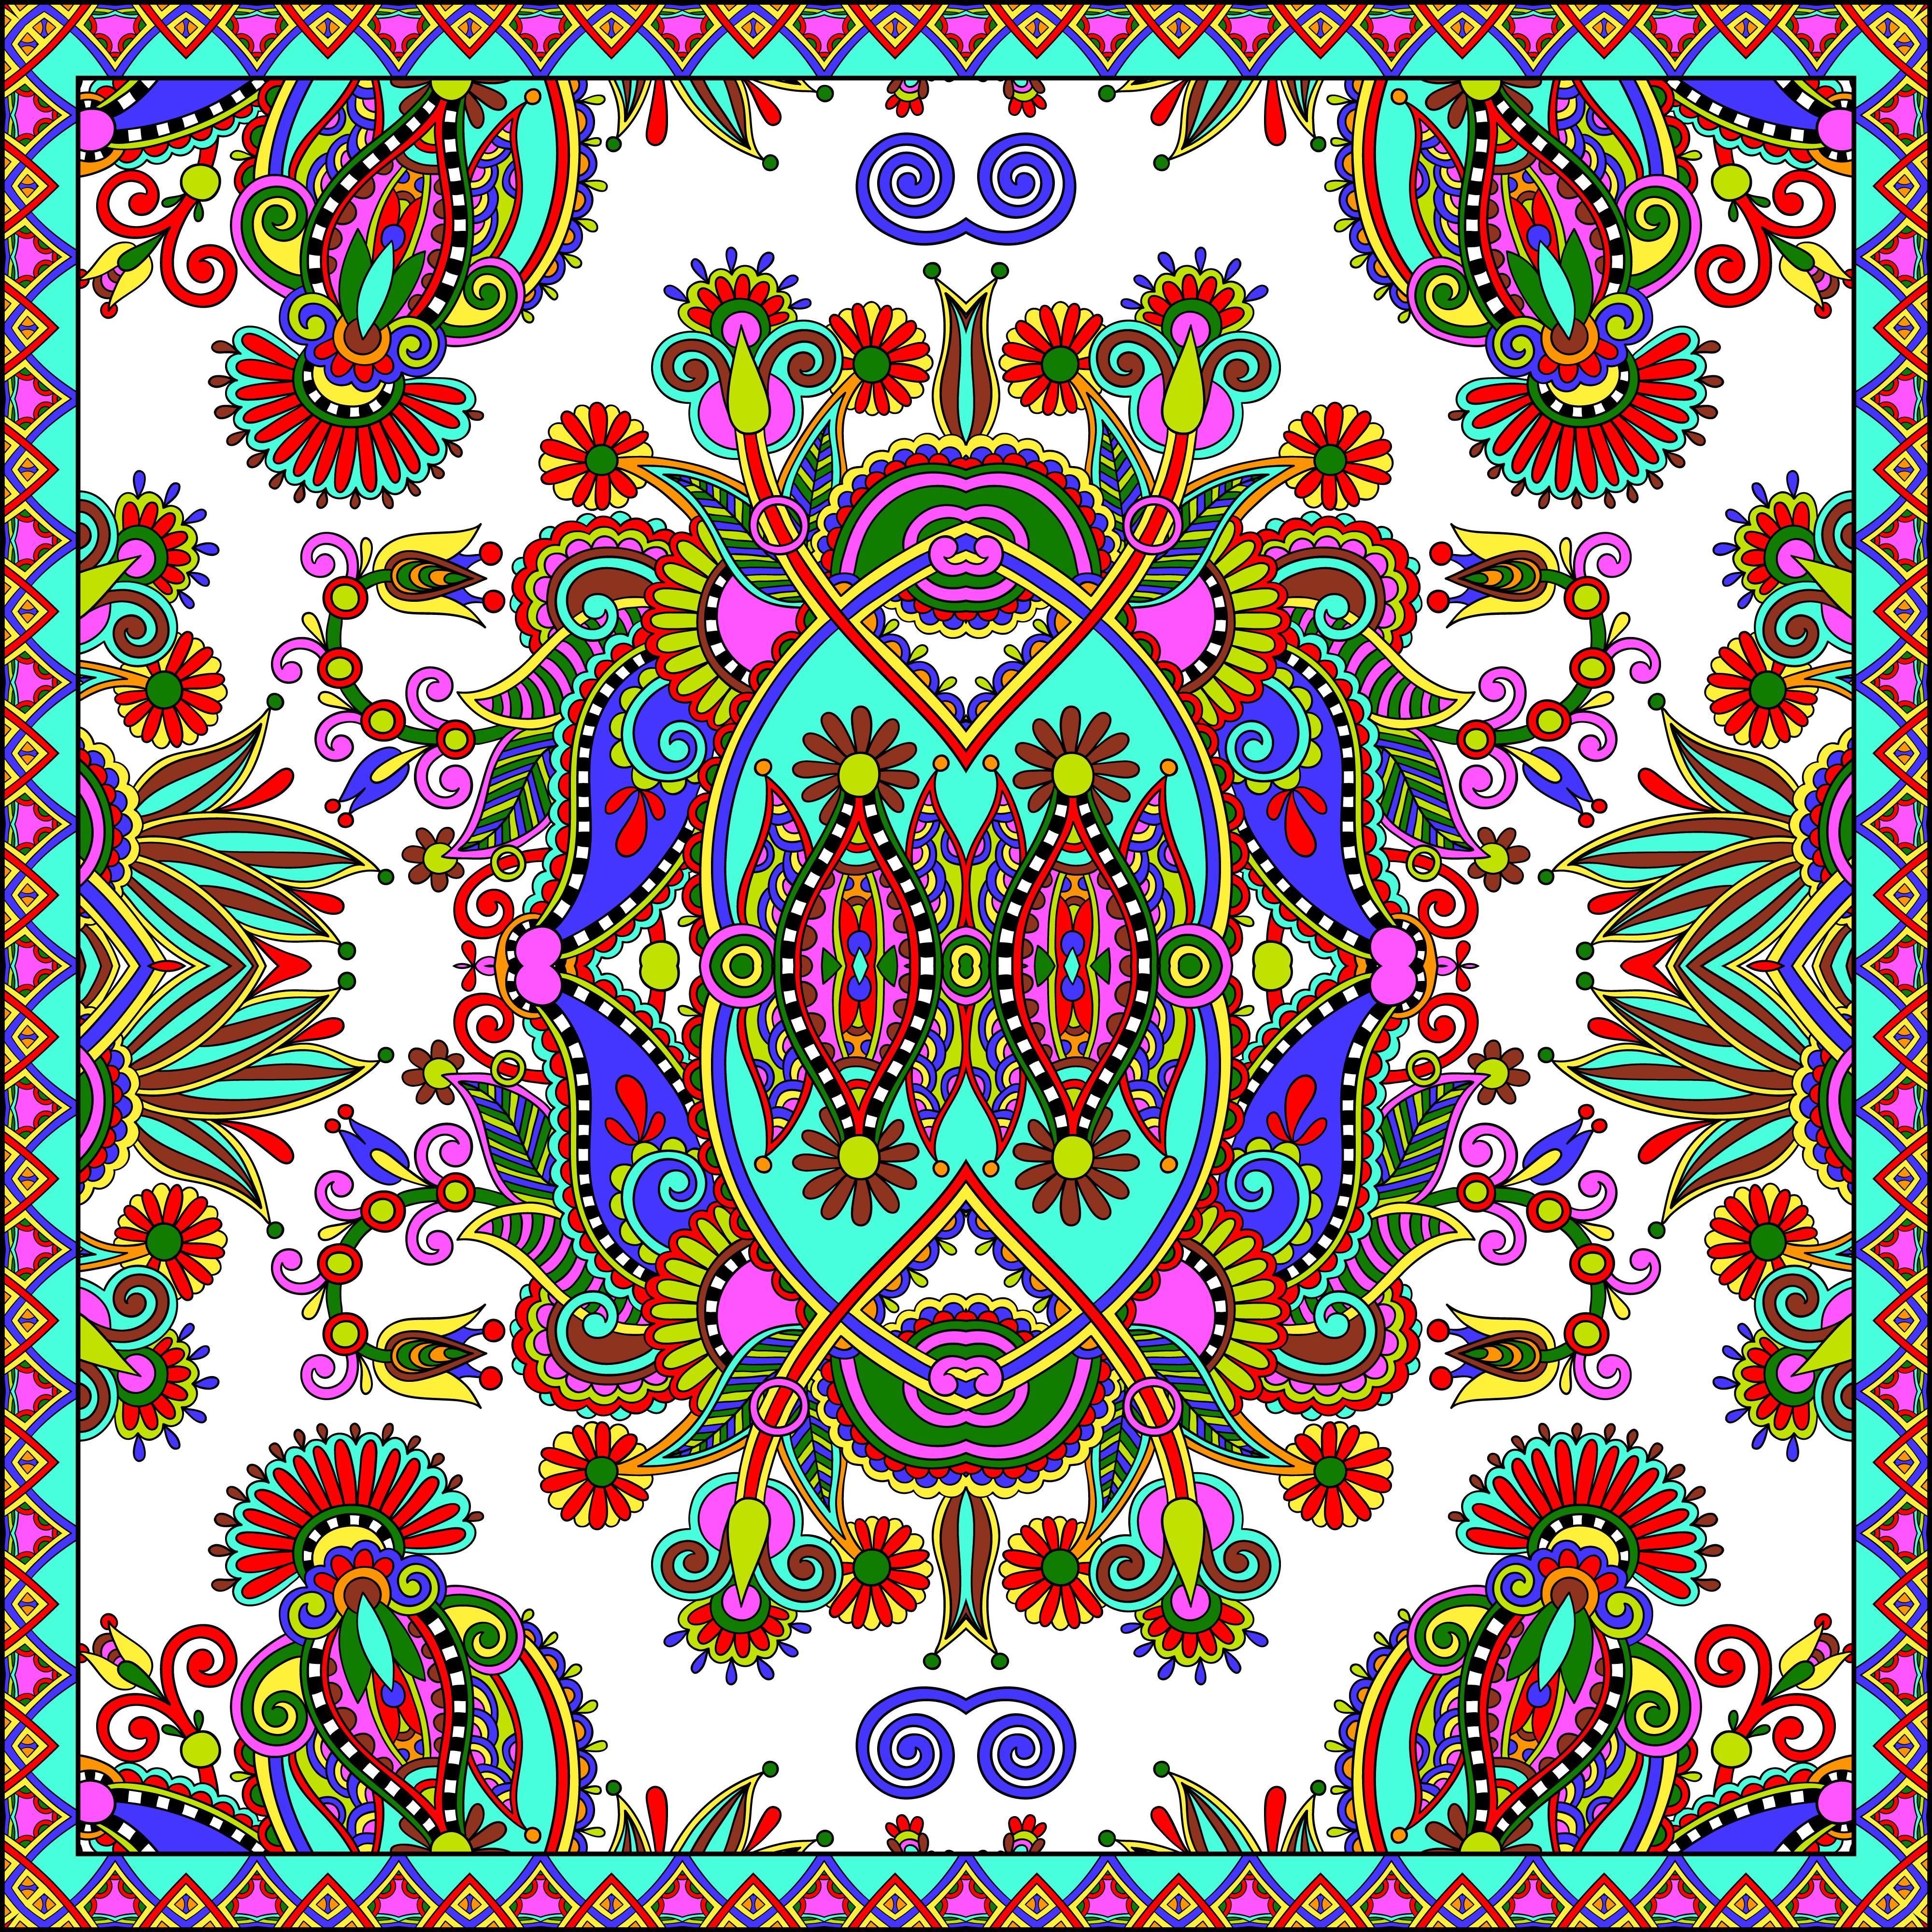 цветные узоры картинки